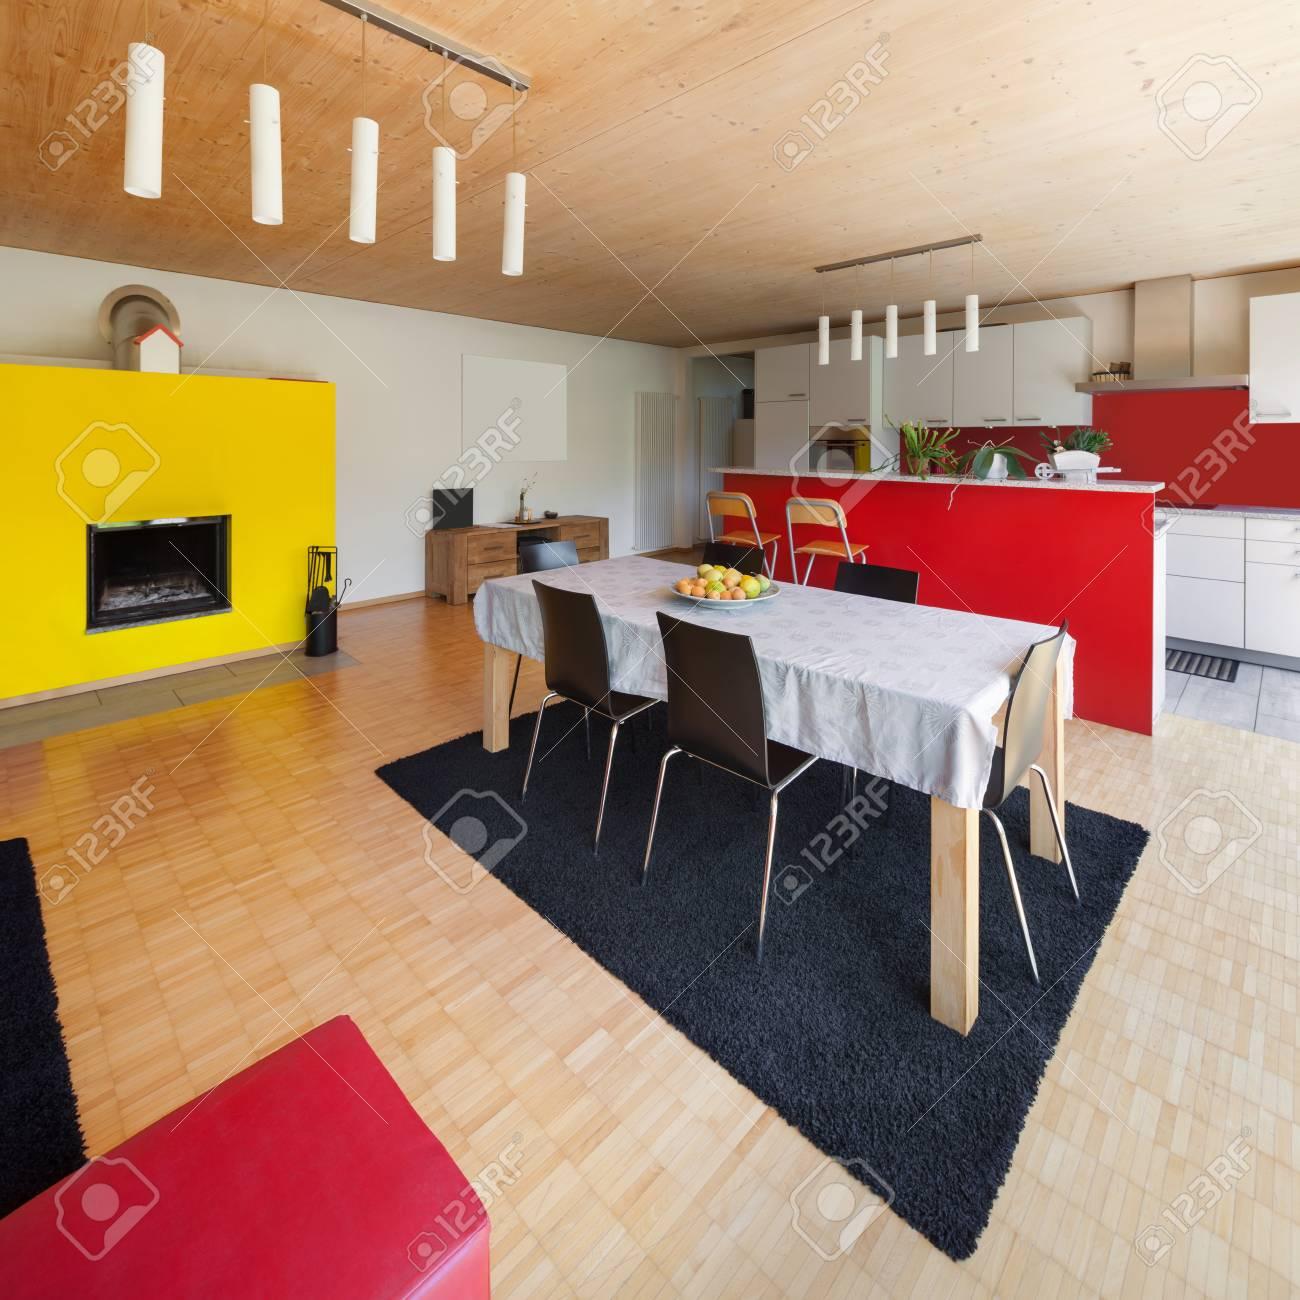 Salle à manger avec cuisine d\'une maison moderne, intérieur